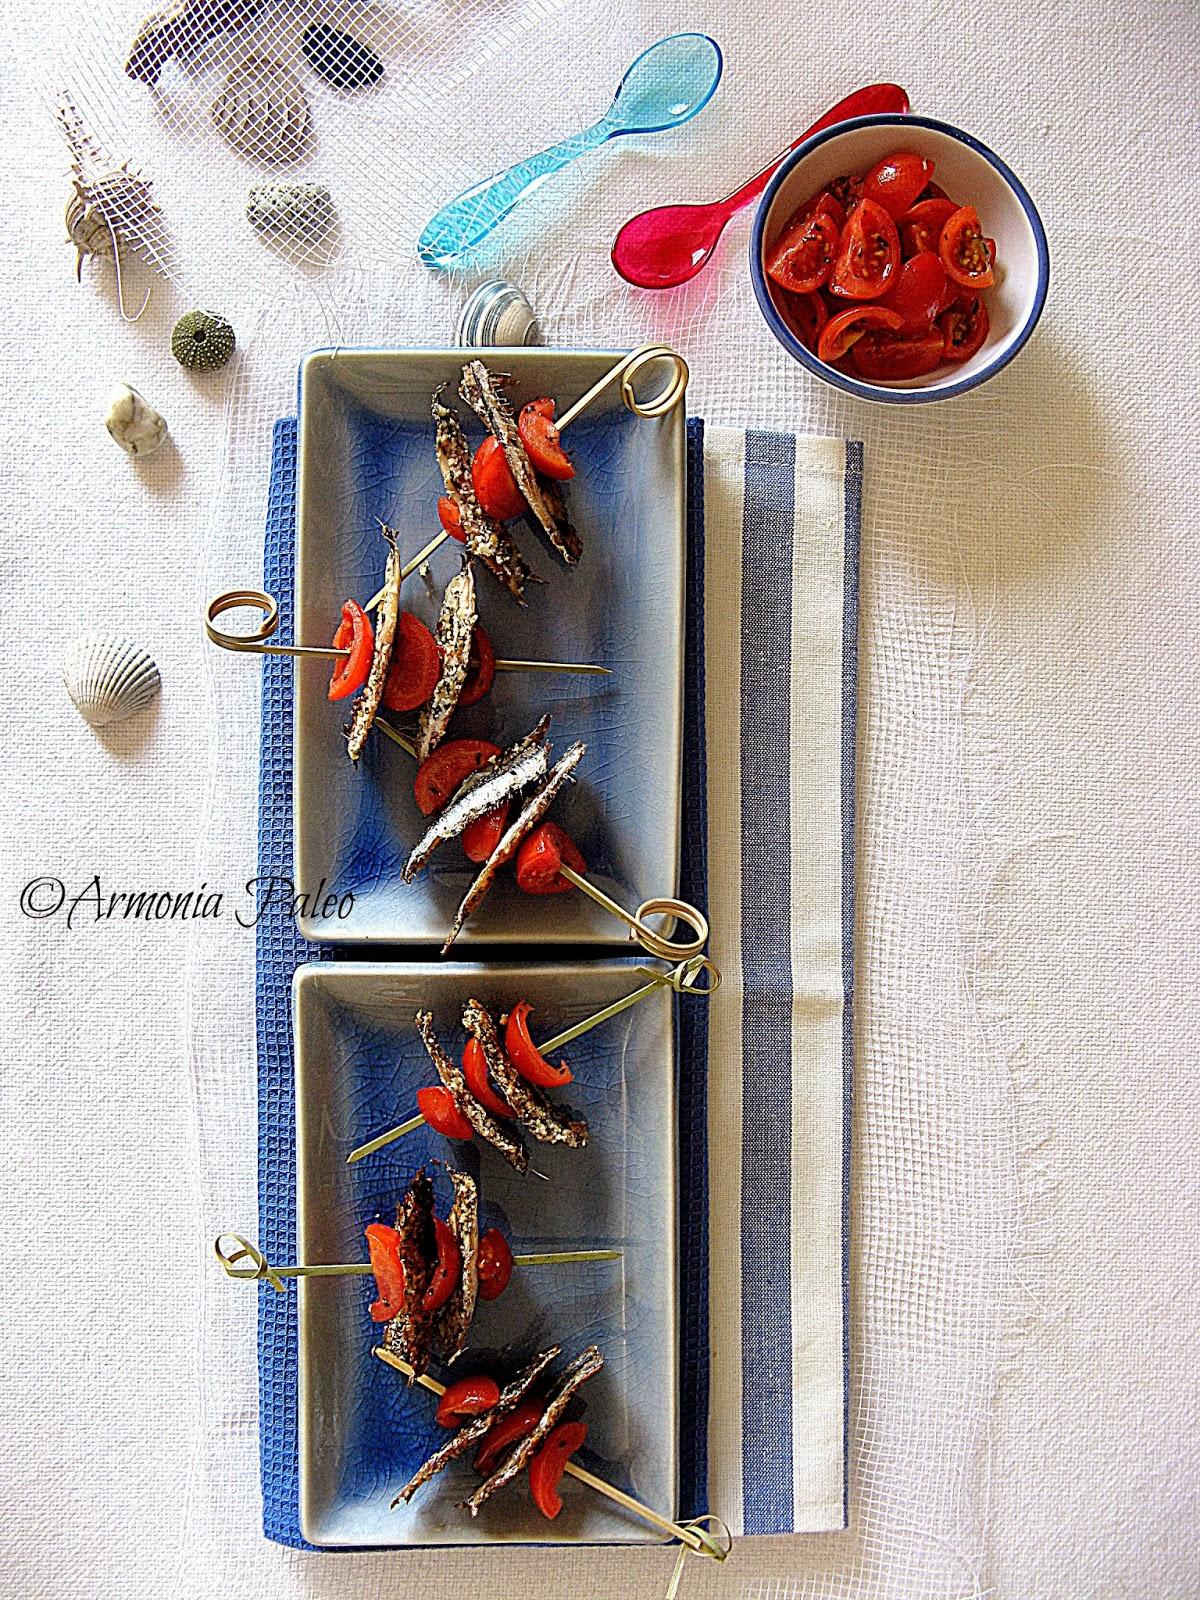 Alici Azzurro Mare e Rosso Pomodoro di Armonia Paleo